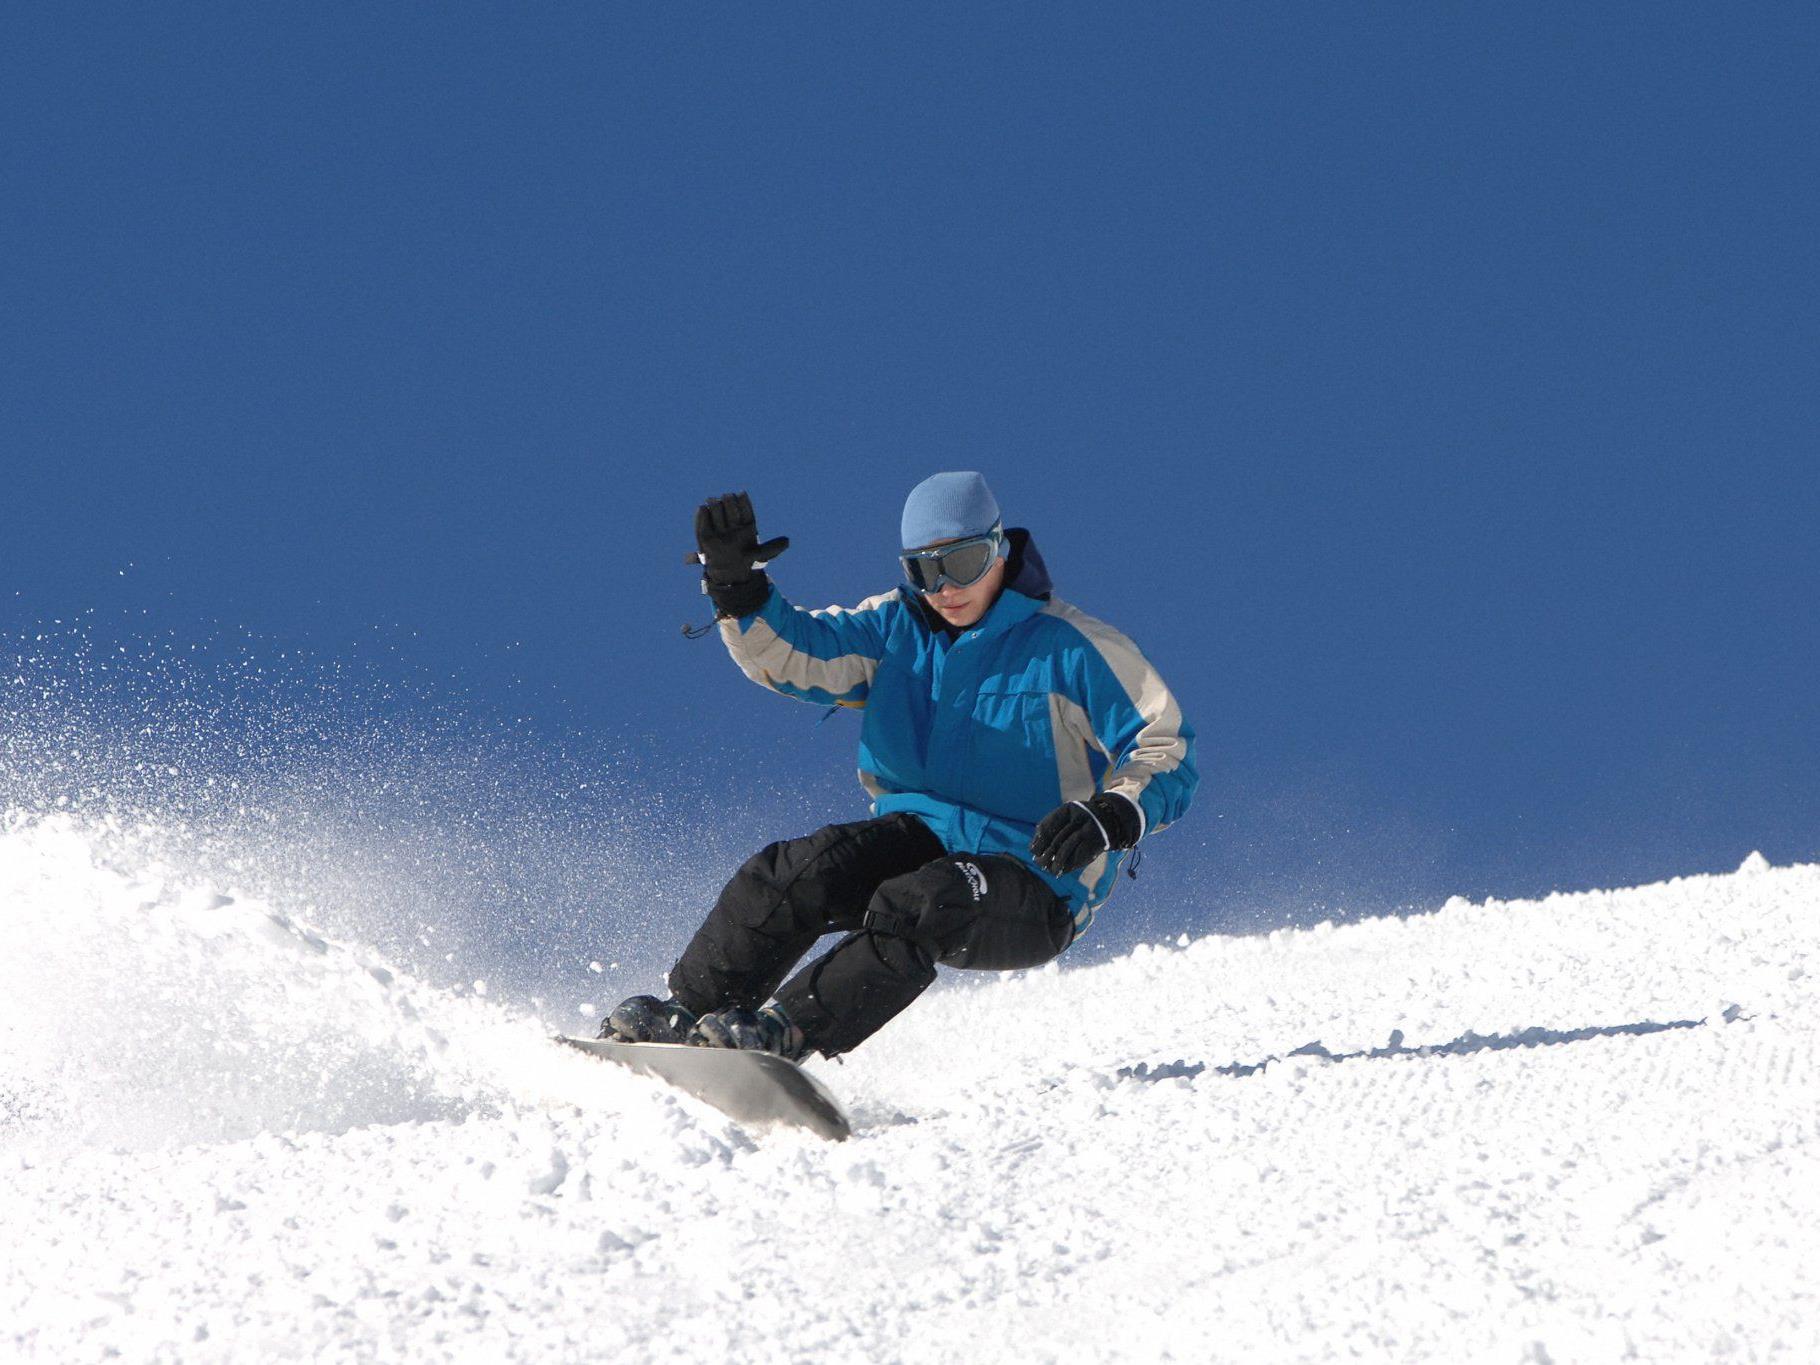 Snowboarder wählte Brandalarm als Hilferuf.